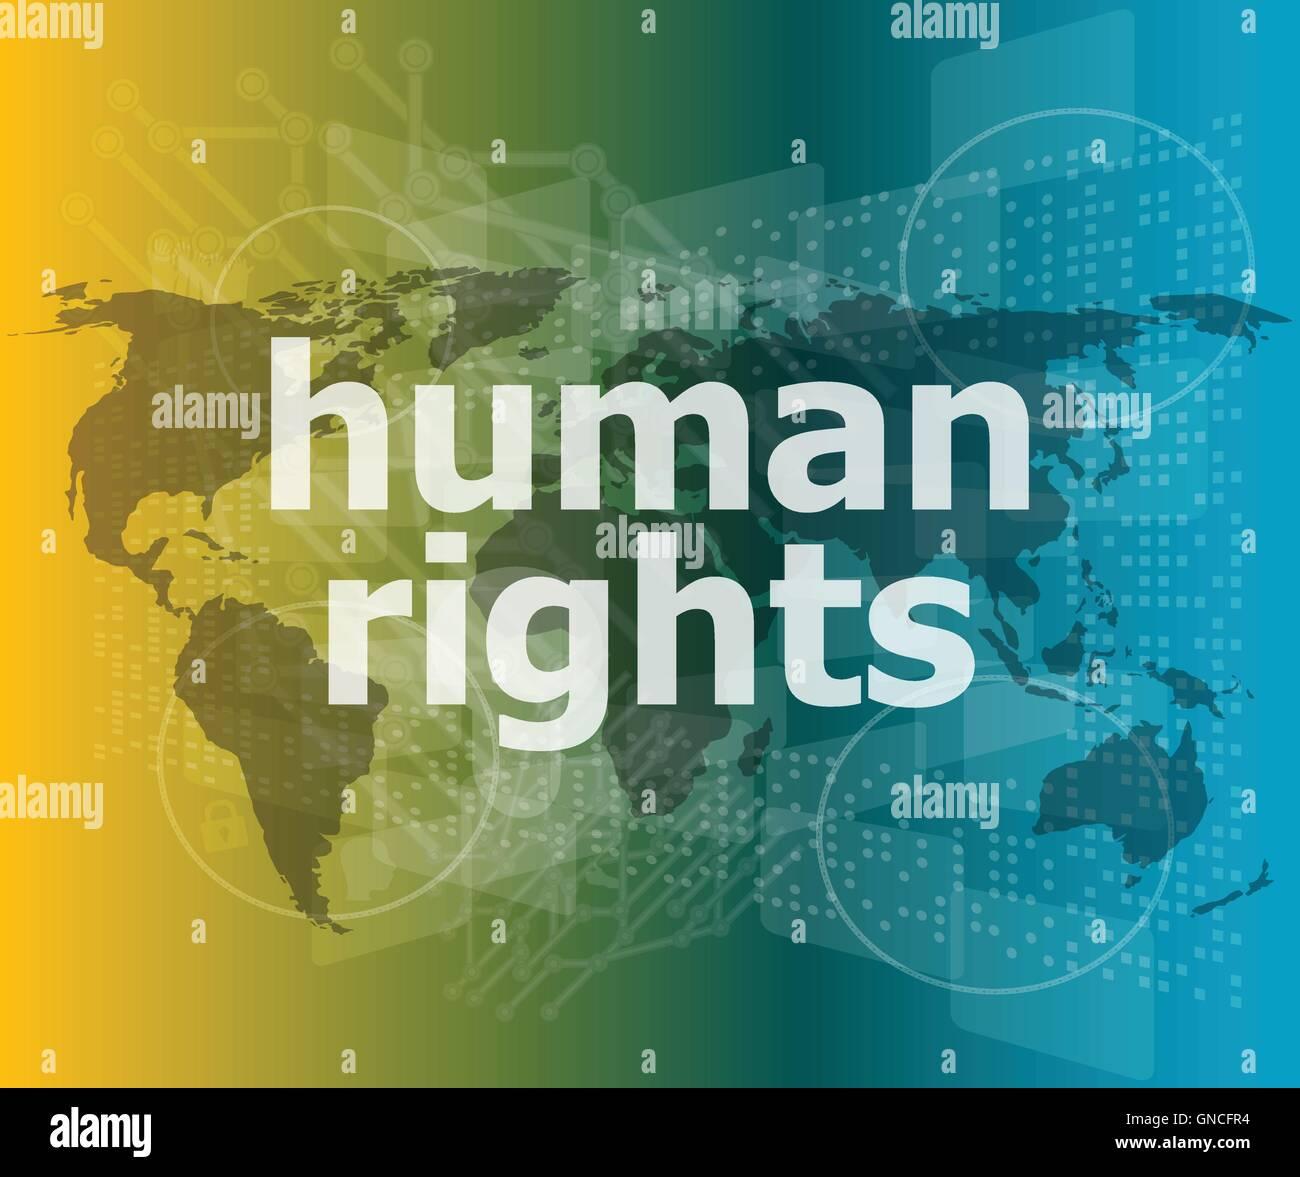 Concepto de Derecho: palabras los derechos humanos en el negocio digital vector fondo comillas con línea delgada discurso burbuja. Concepto de c Ilustración del Vector